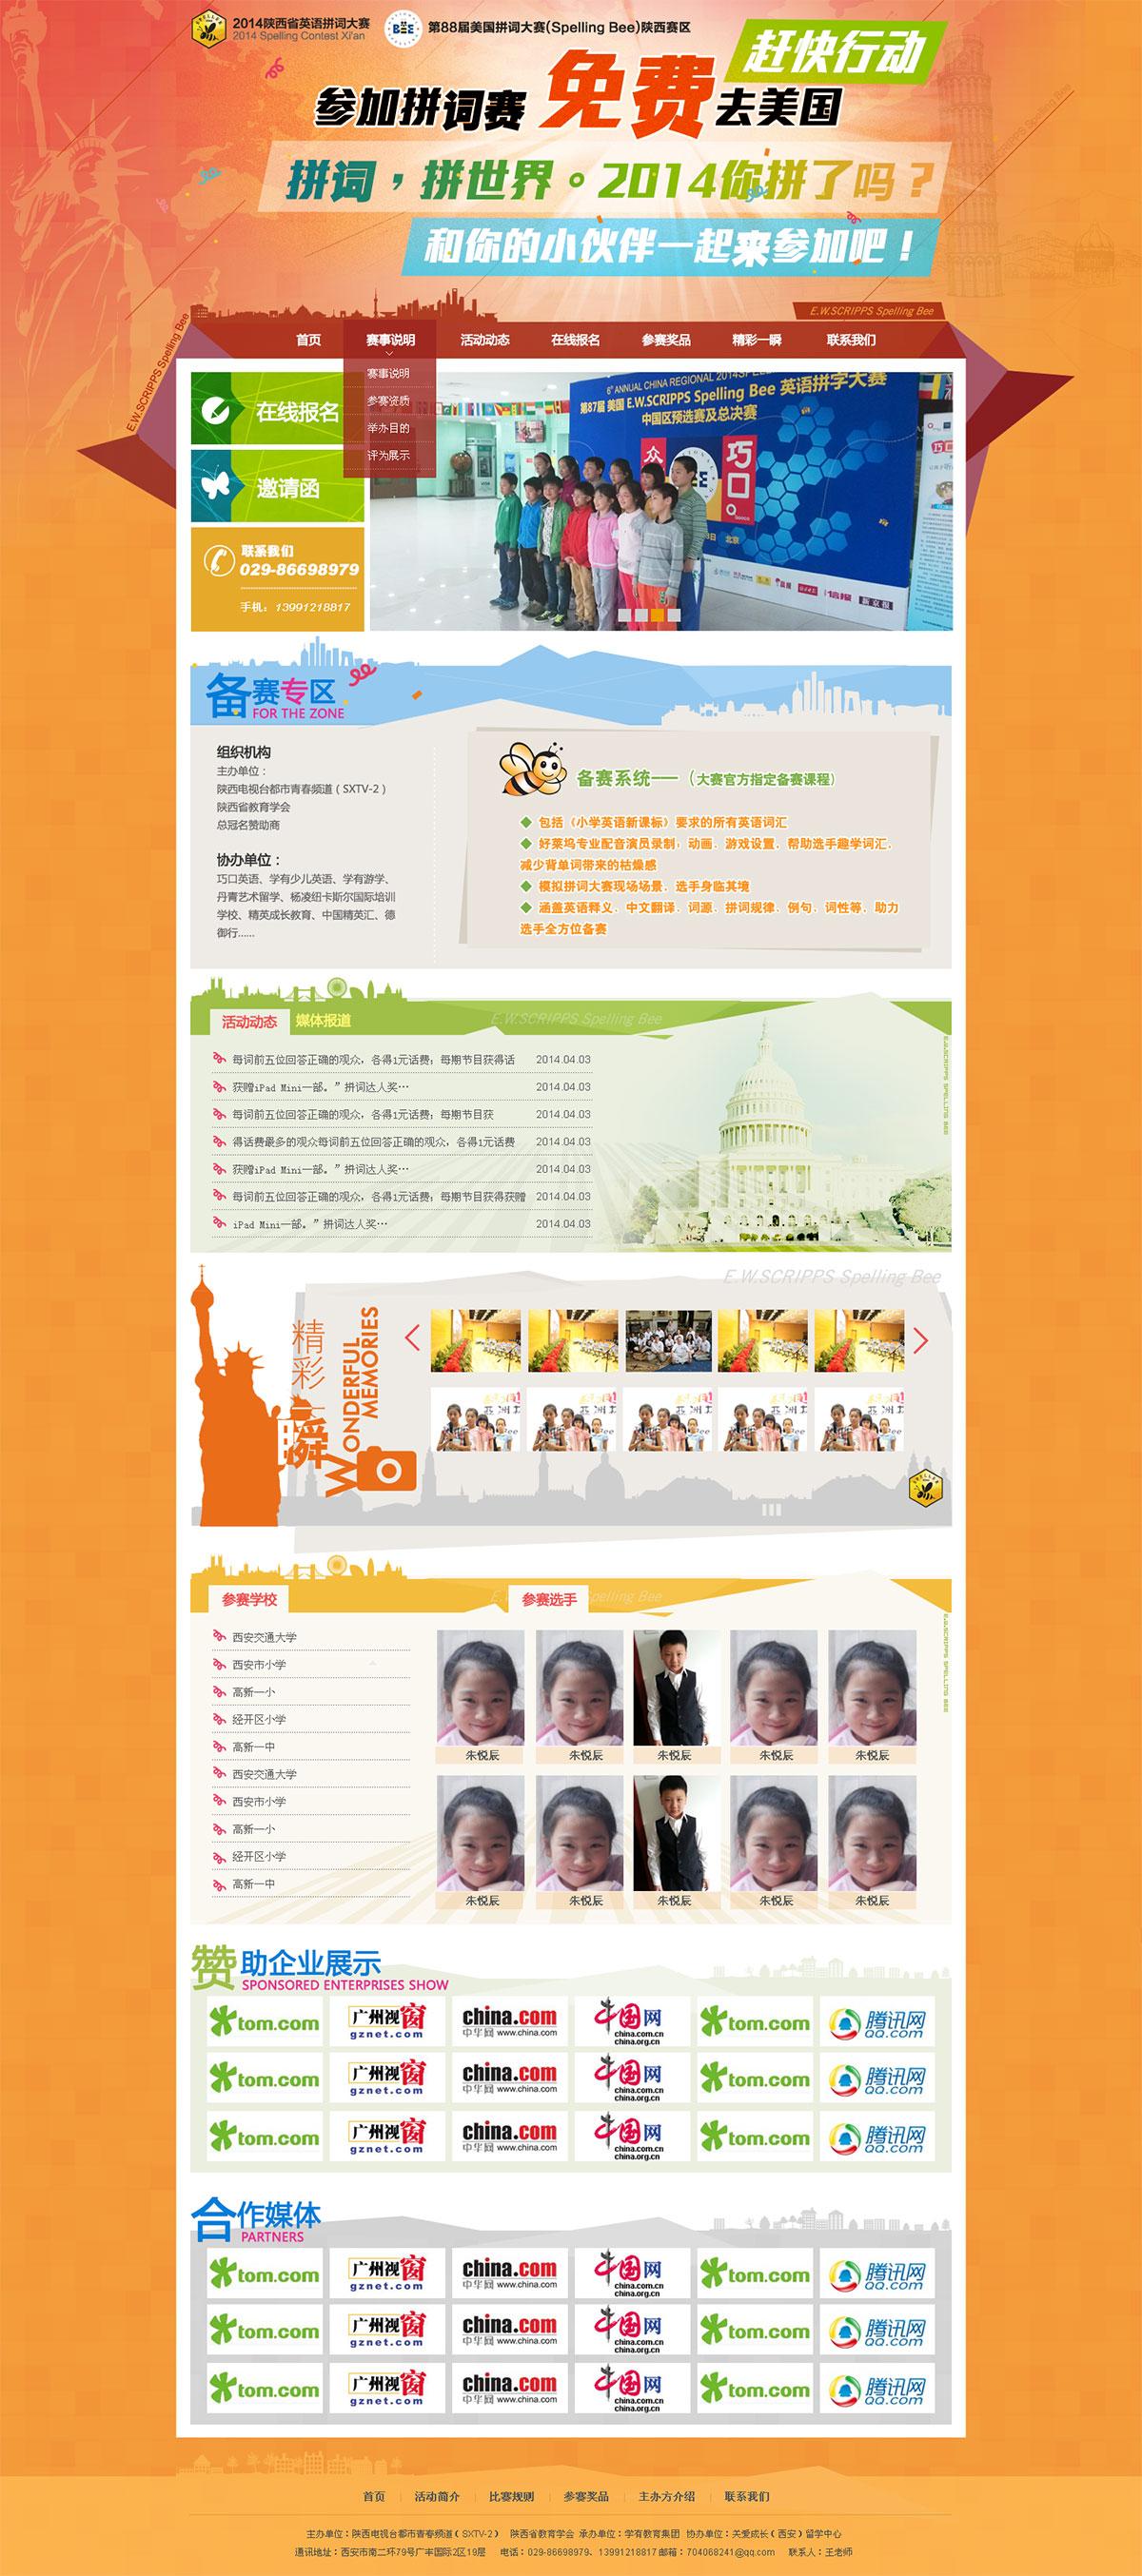 陕西省英语拼词大赛官网网站首页效果图